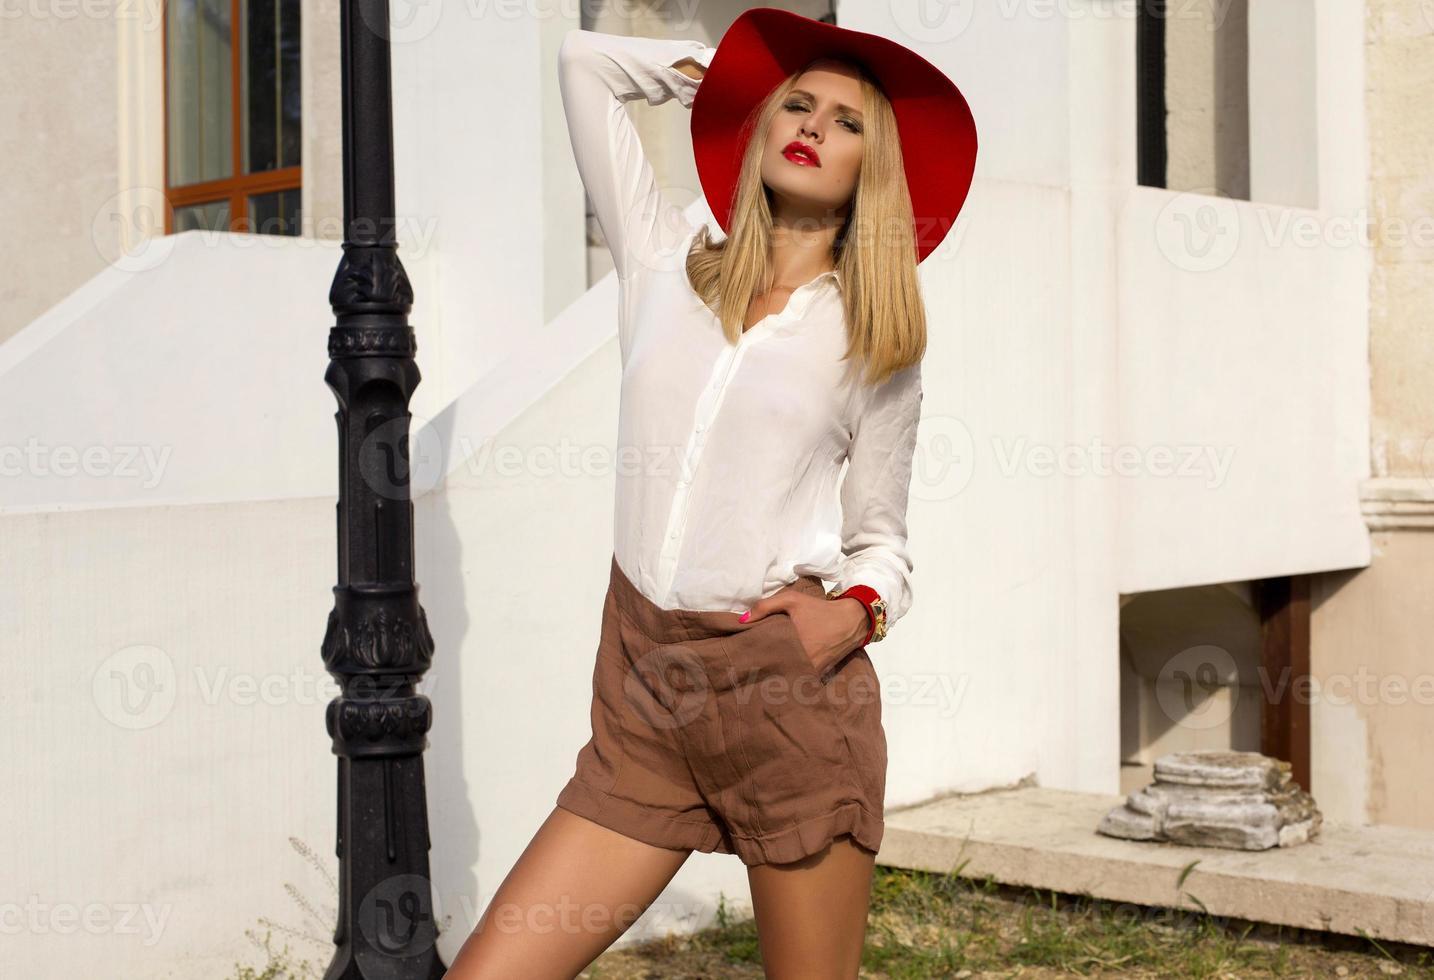 Mädchen mit blonden Haaren in elegantem rotem Hut und Hemd foto